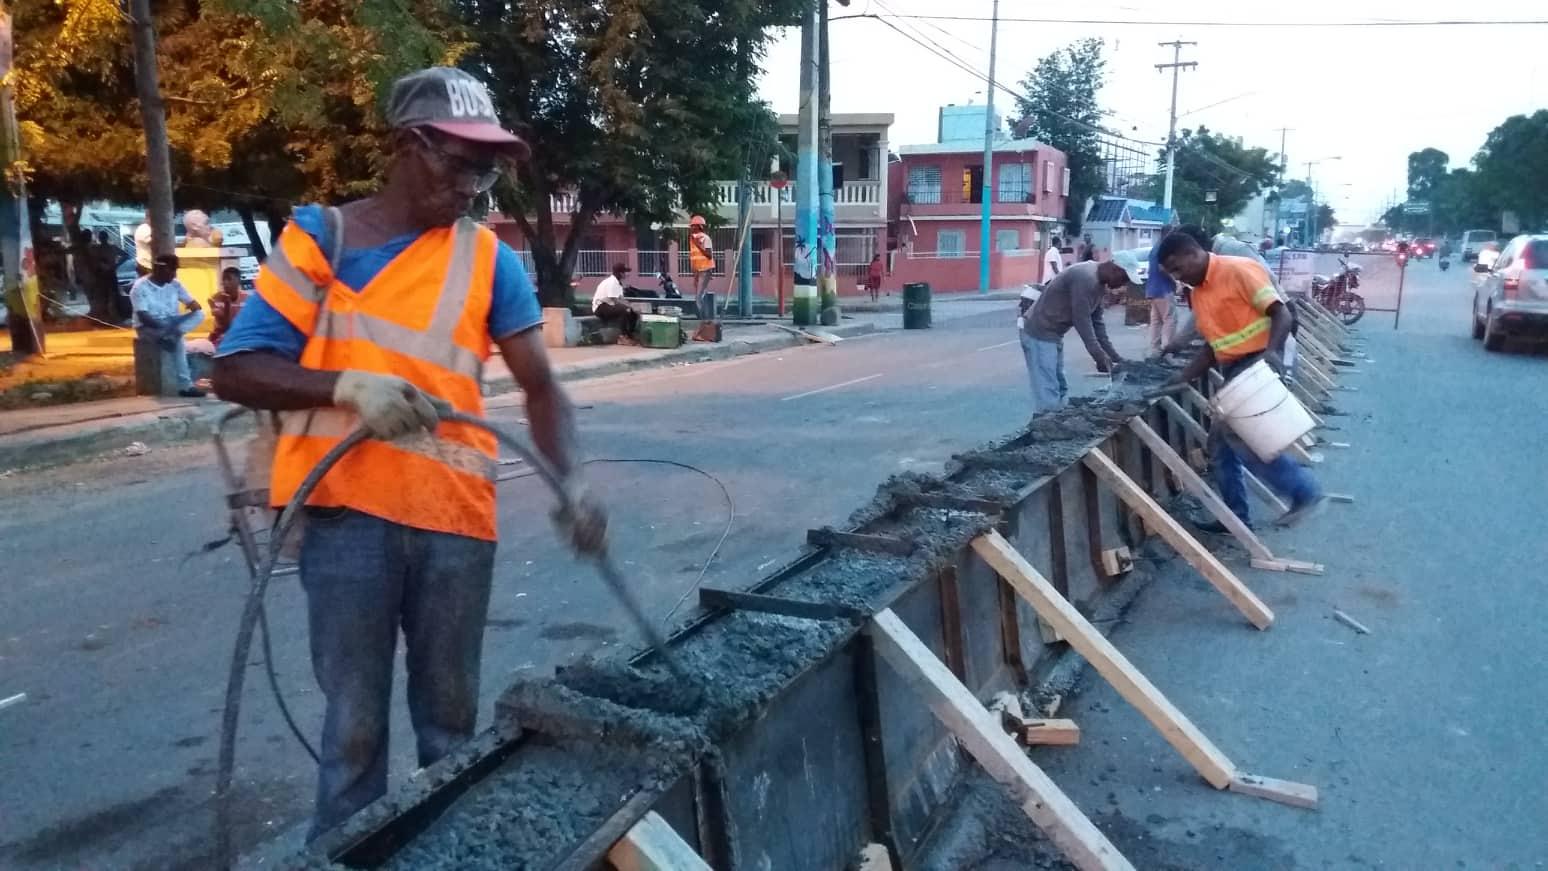 Avanzan de manera acelerada los trabajos de Construcción del Muro Divisorio de la Avenida Francisco A. Caamaño que Construye el Ayuntamiento.